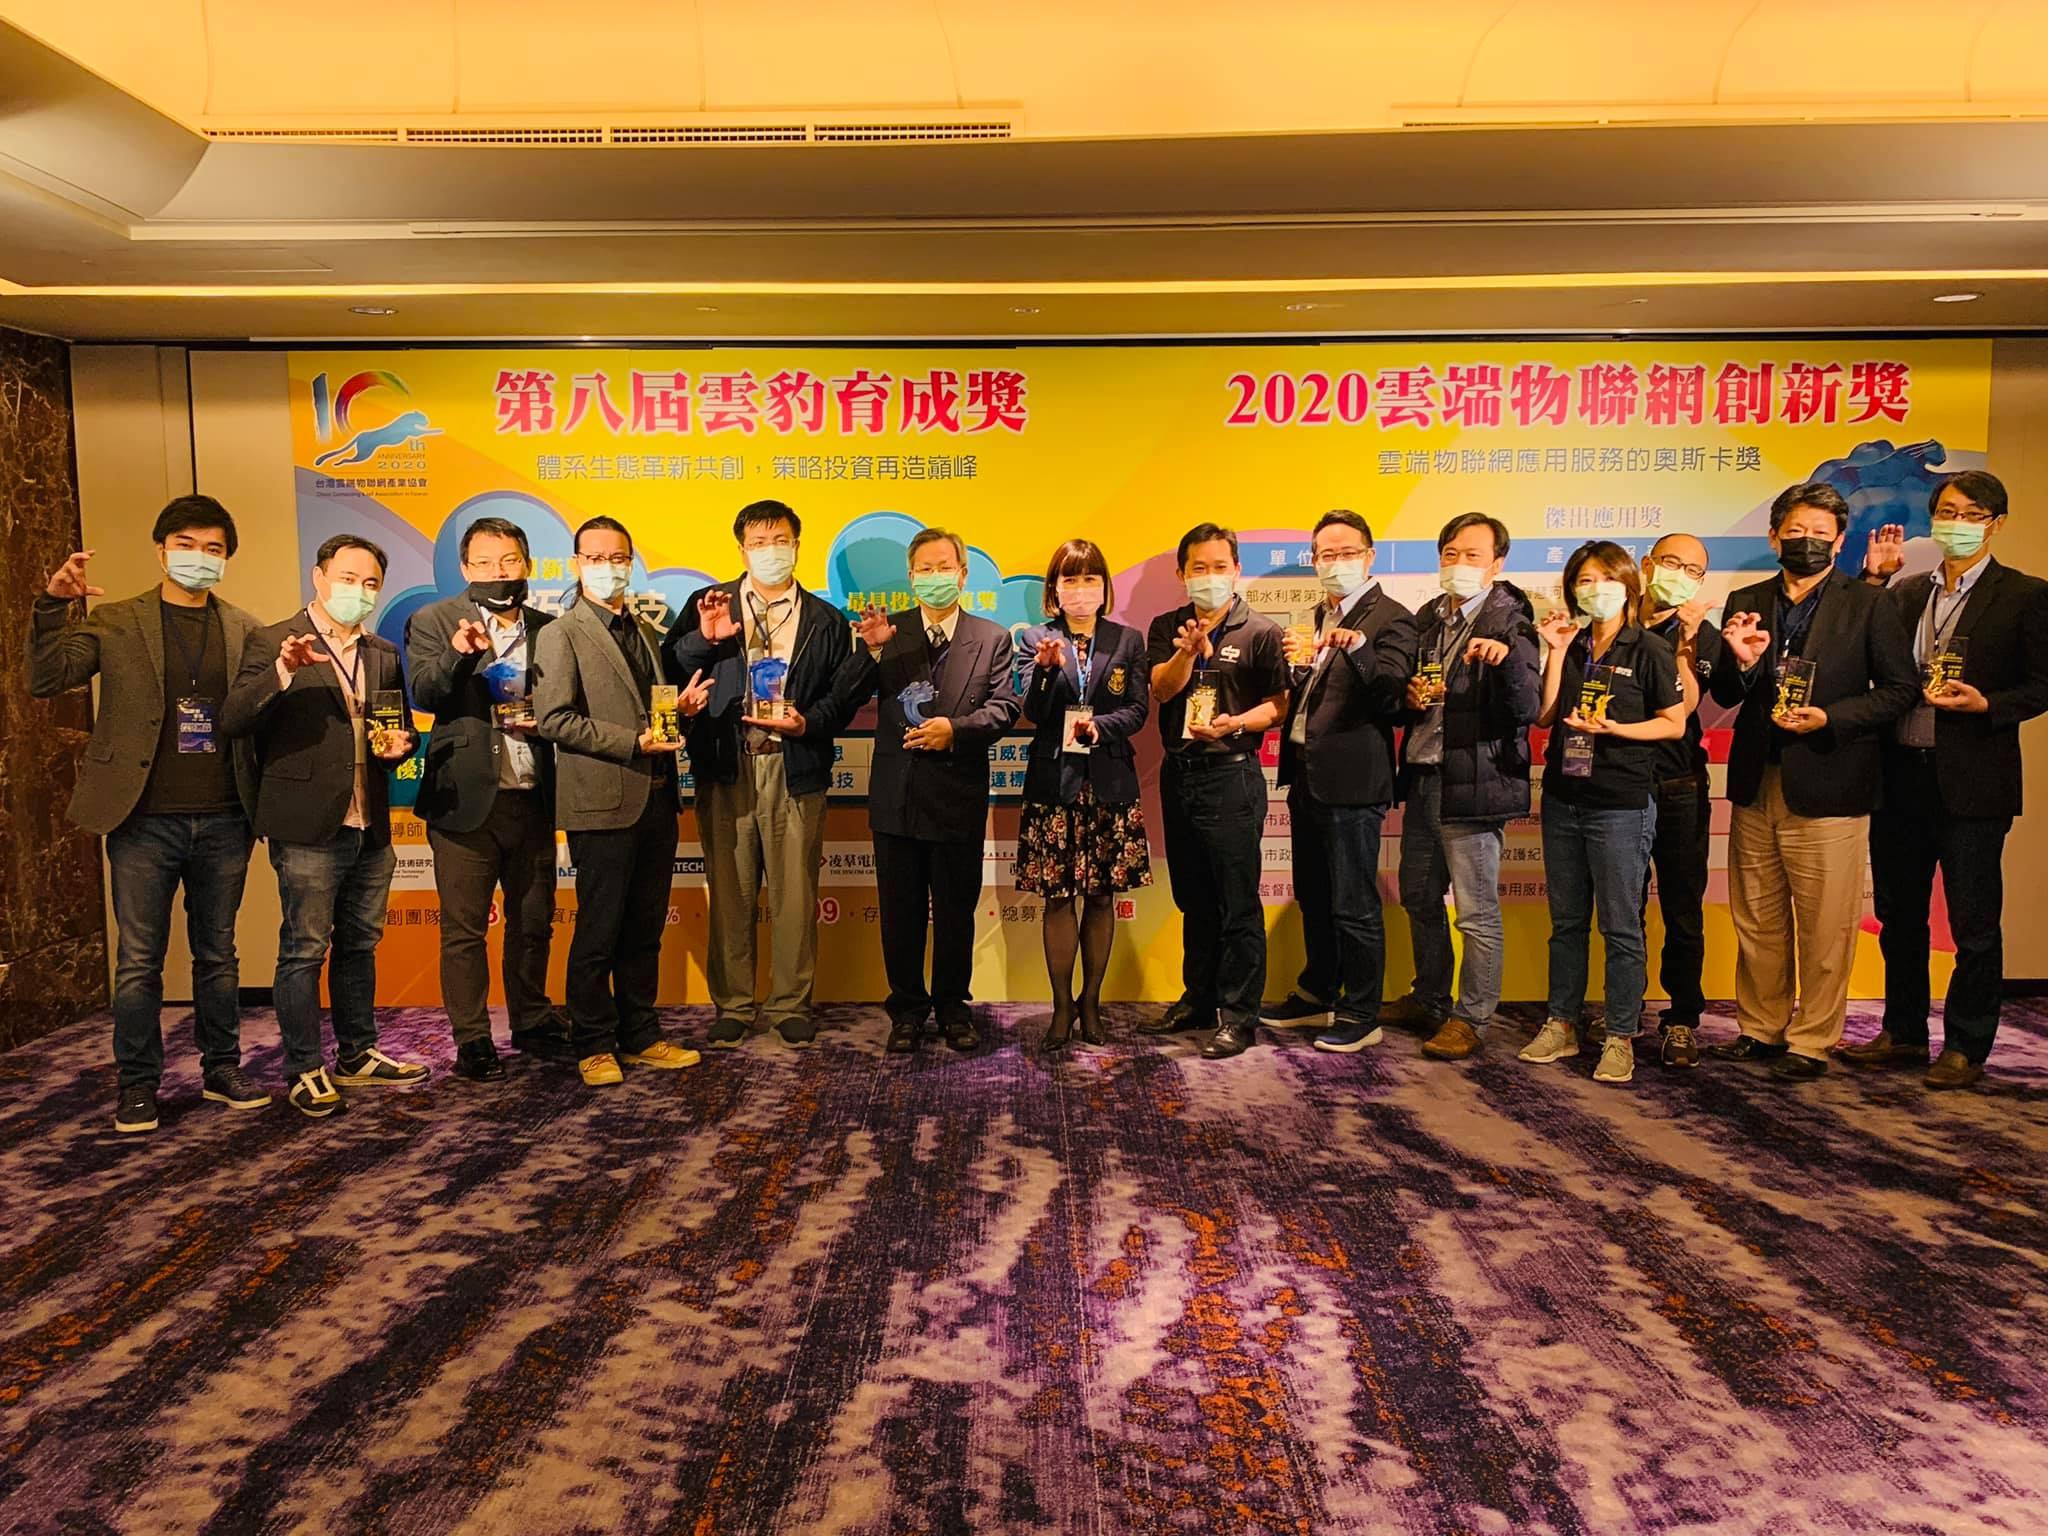 台灣雲端物聯網產業協會會員大會 眾企業齊聚展望下一個十年